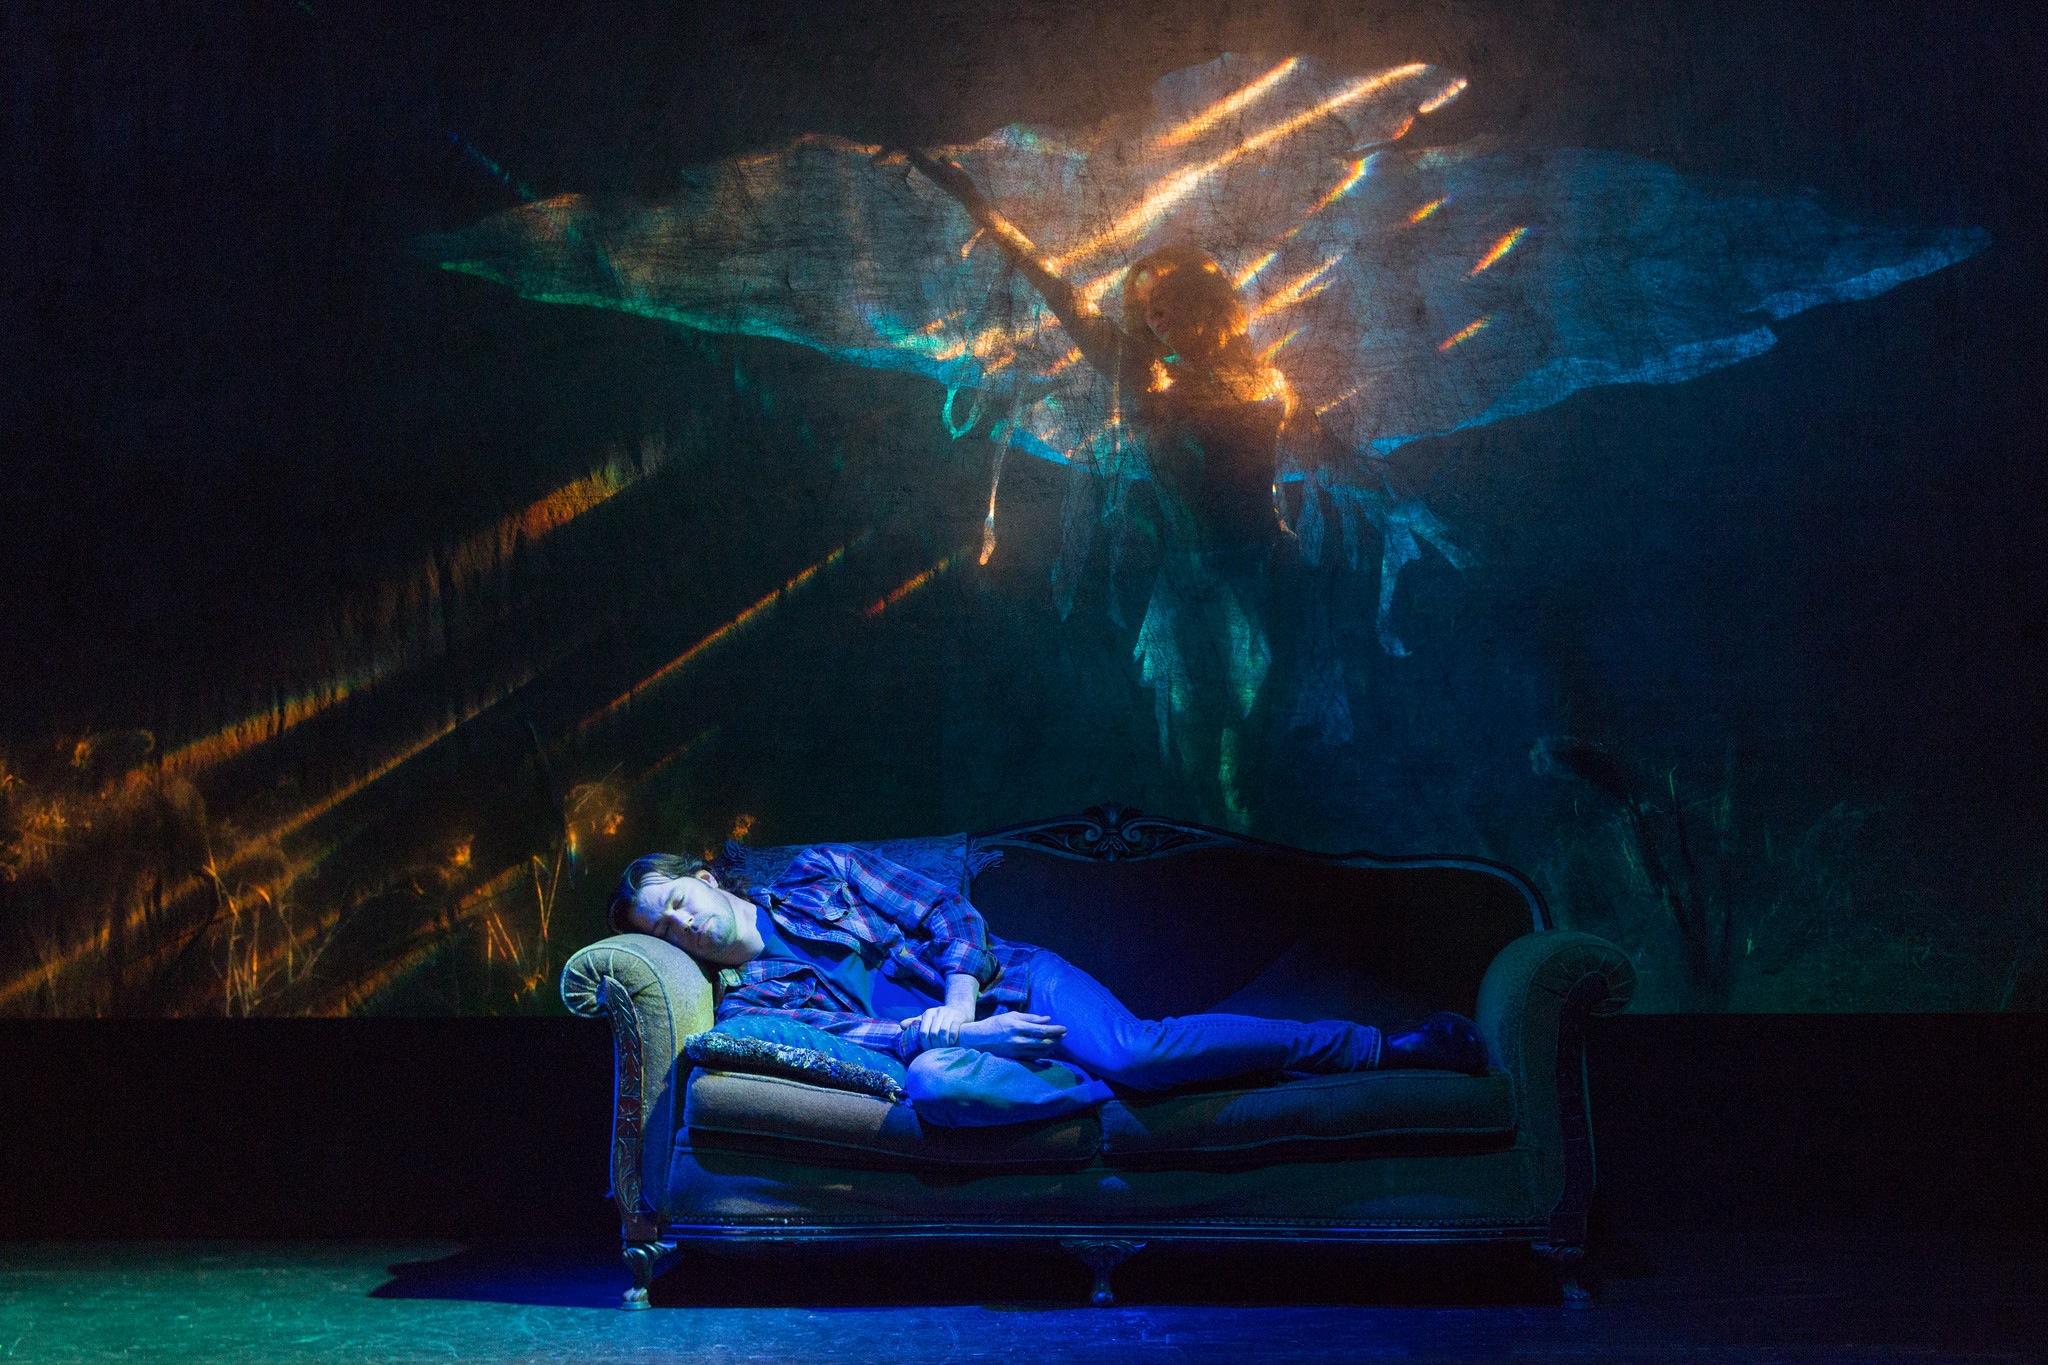 Chekhov Dreams